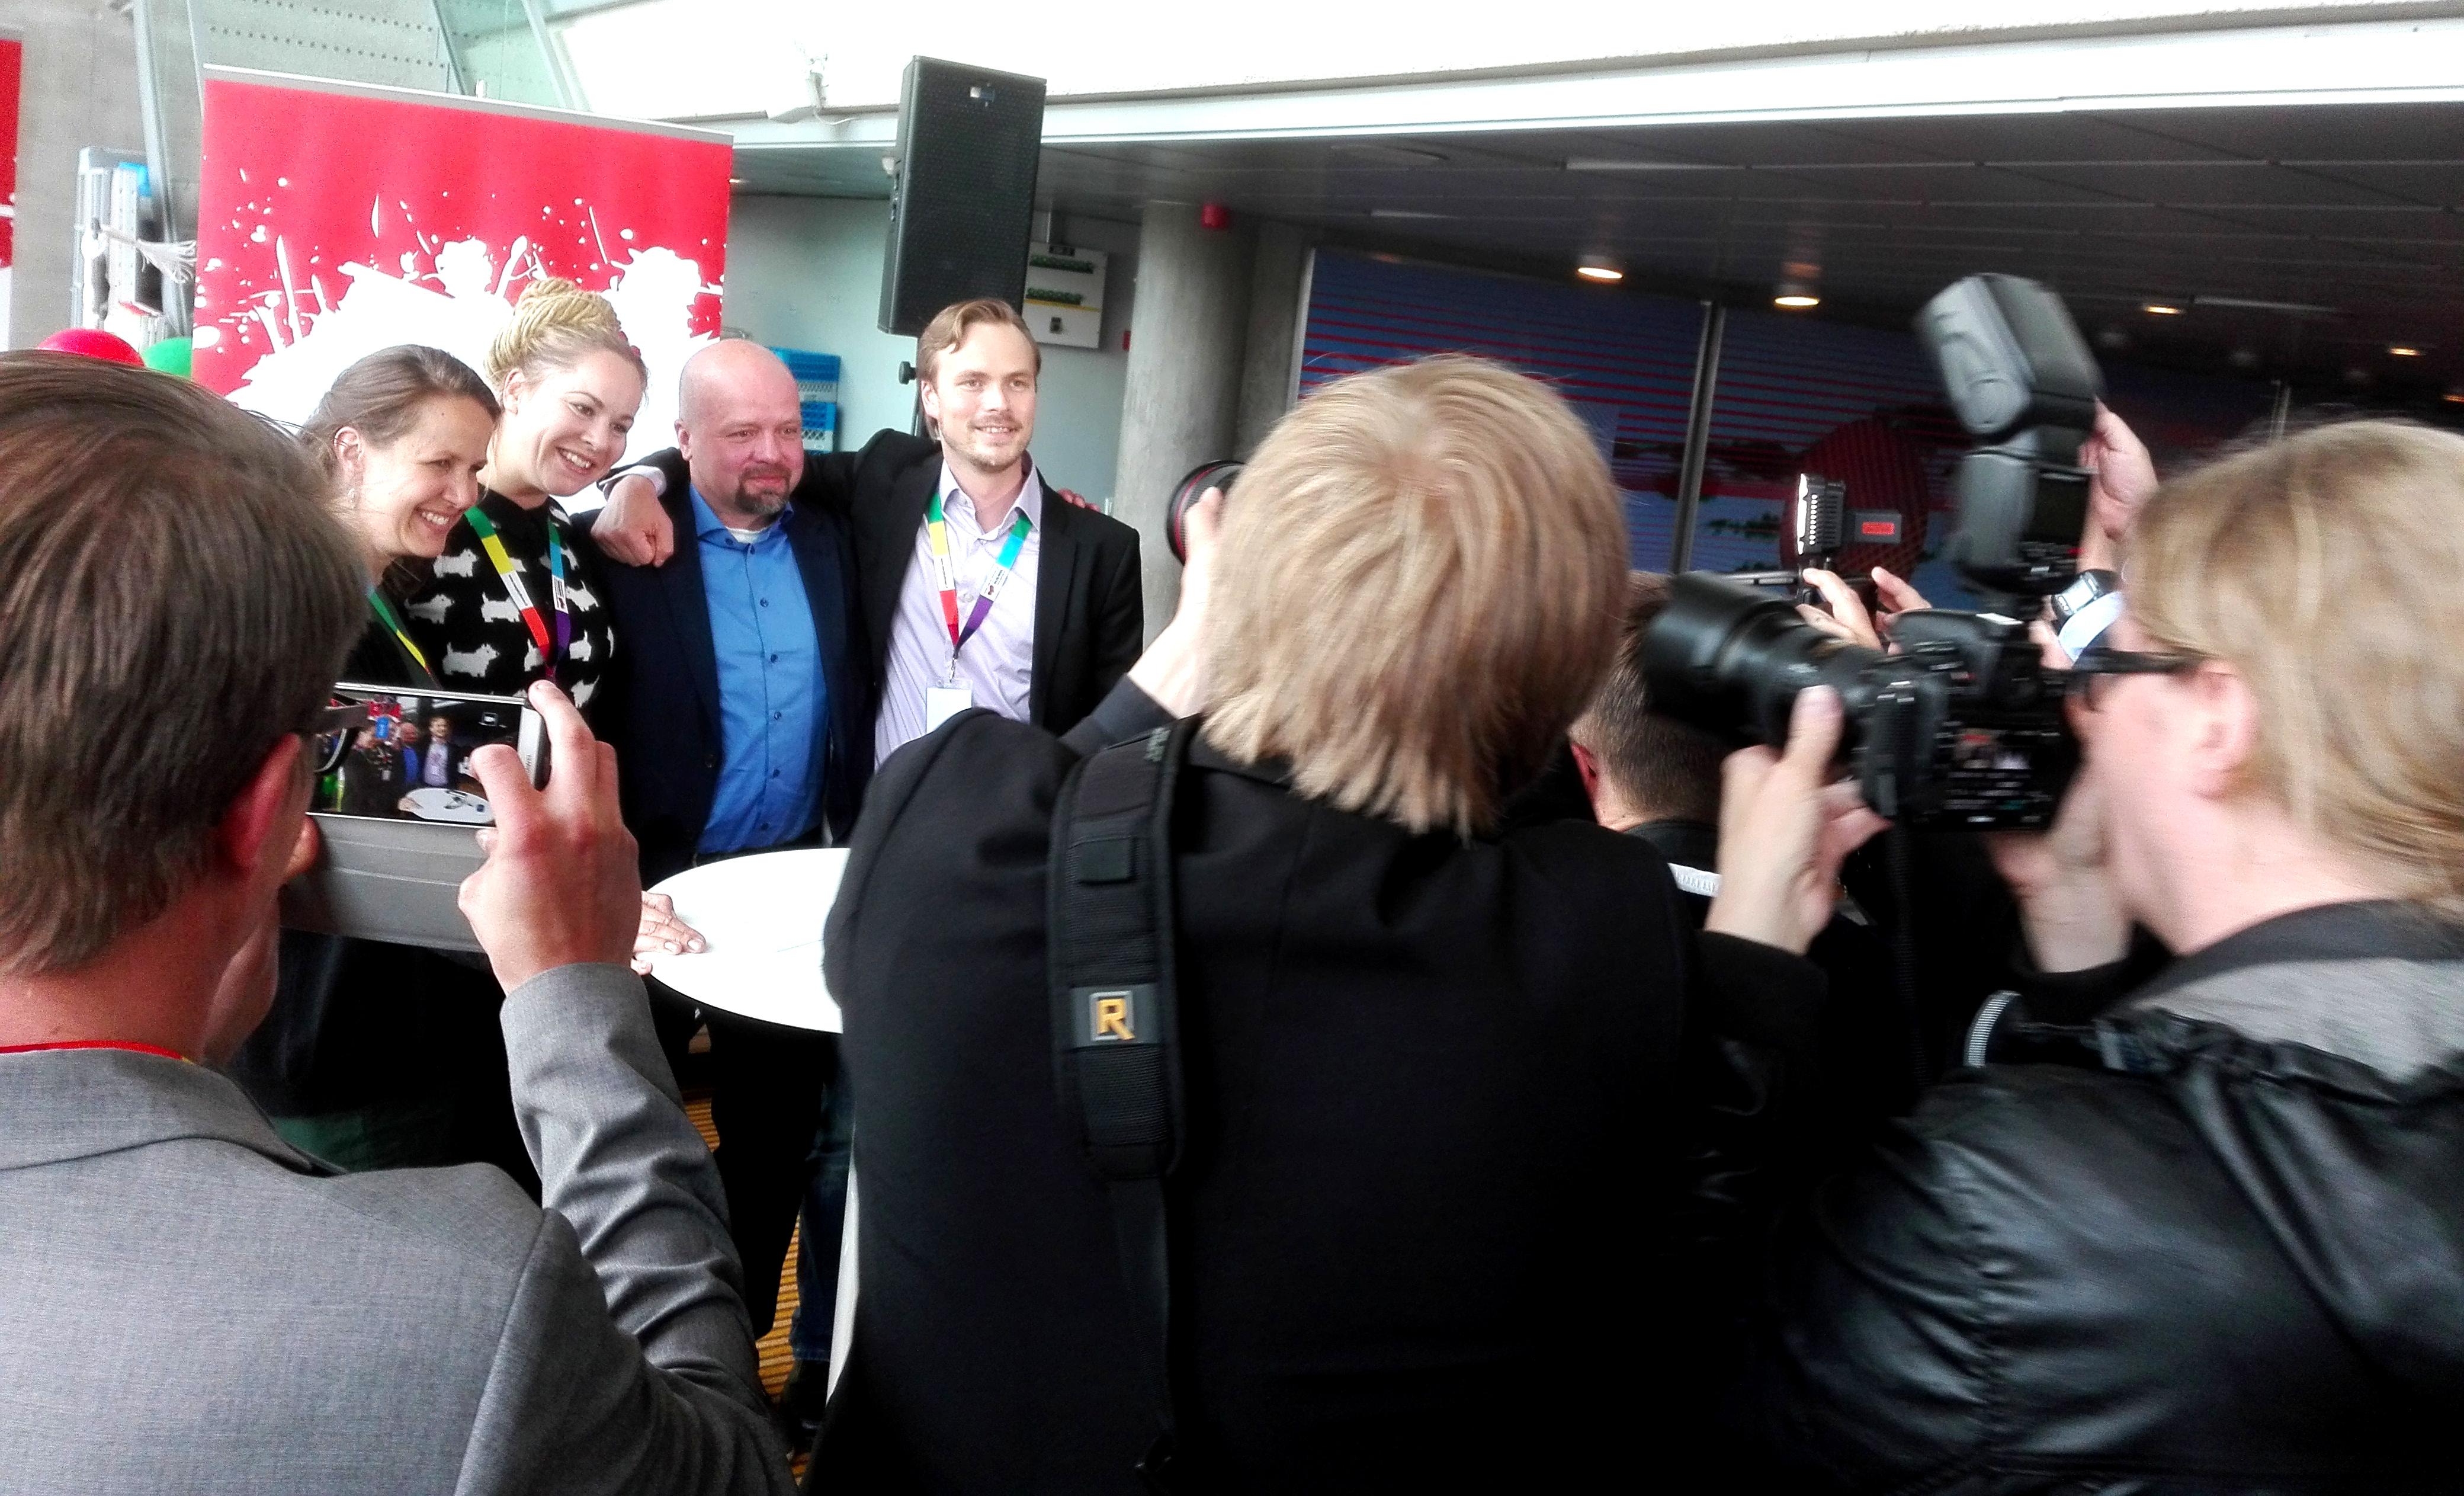 Veronika Honkasalo, Hanna Sarkkinen, Juho Kautto ja Joonas Leppänen poseerasivat.